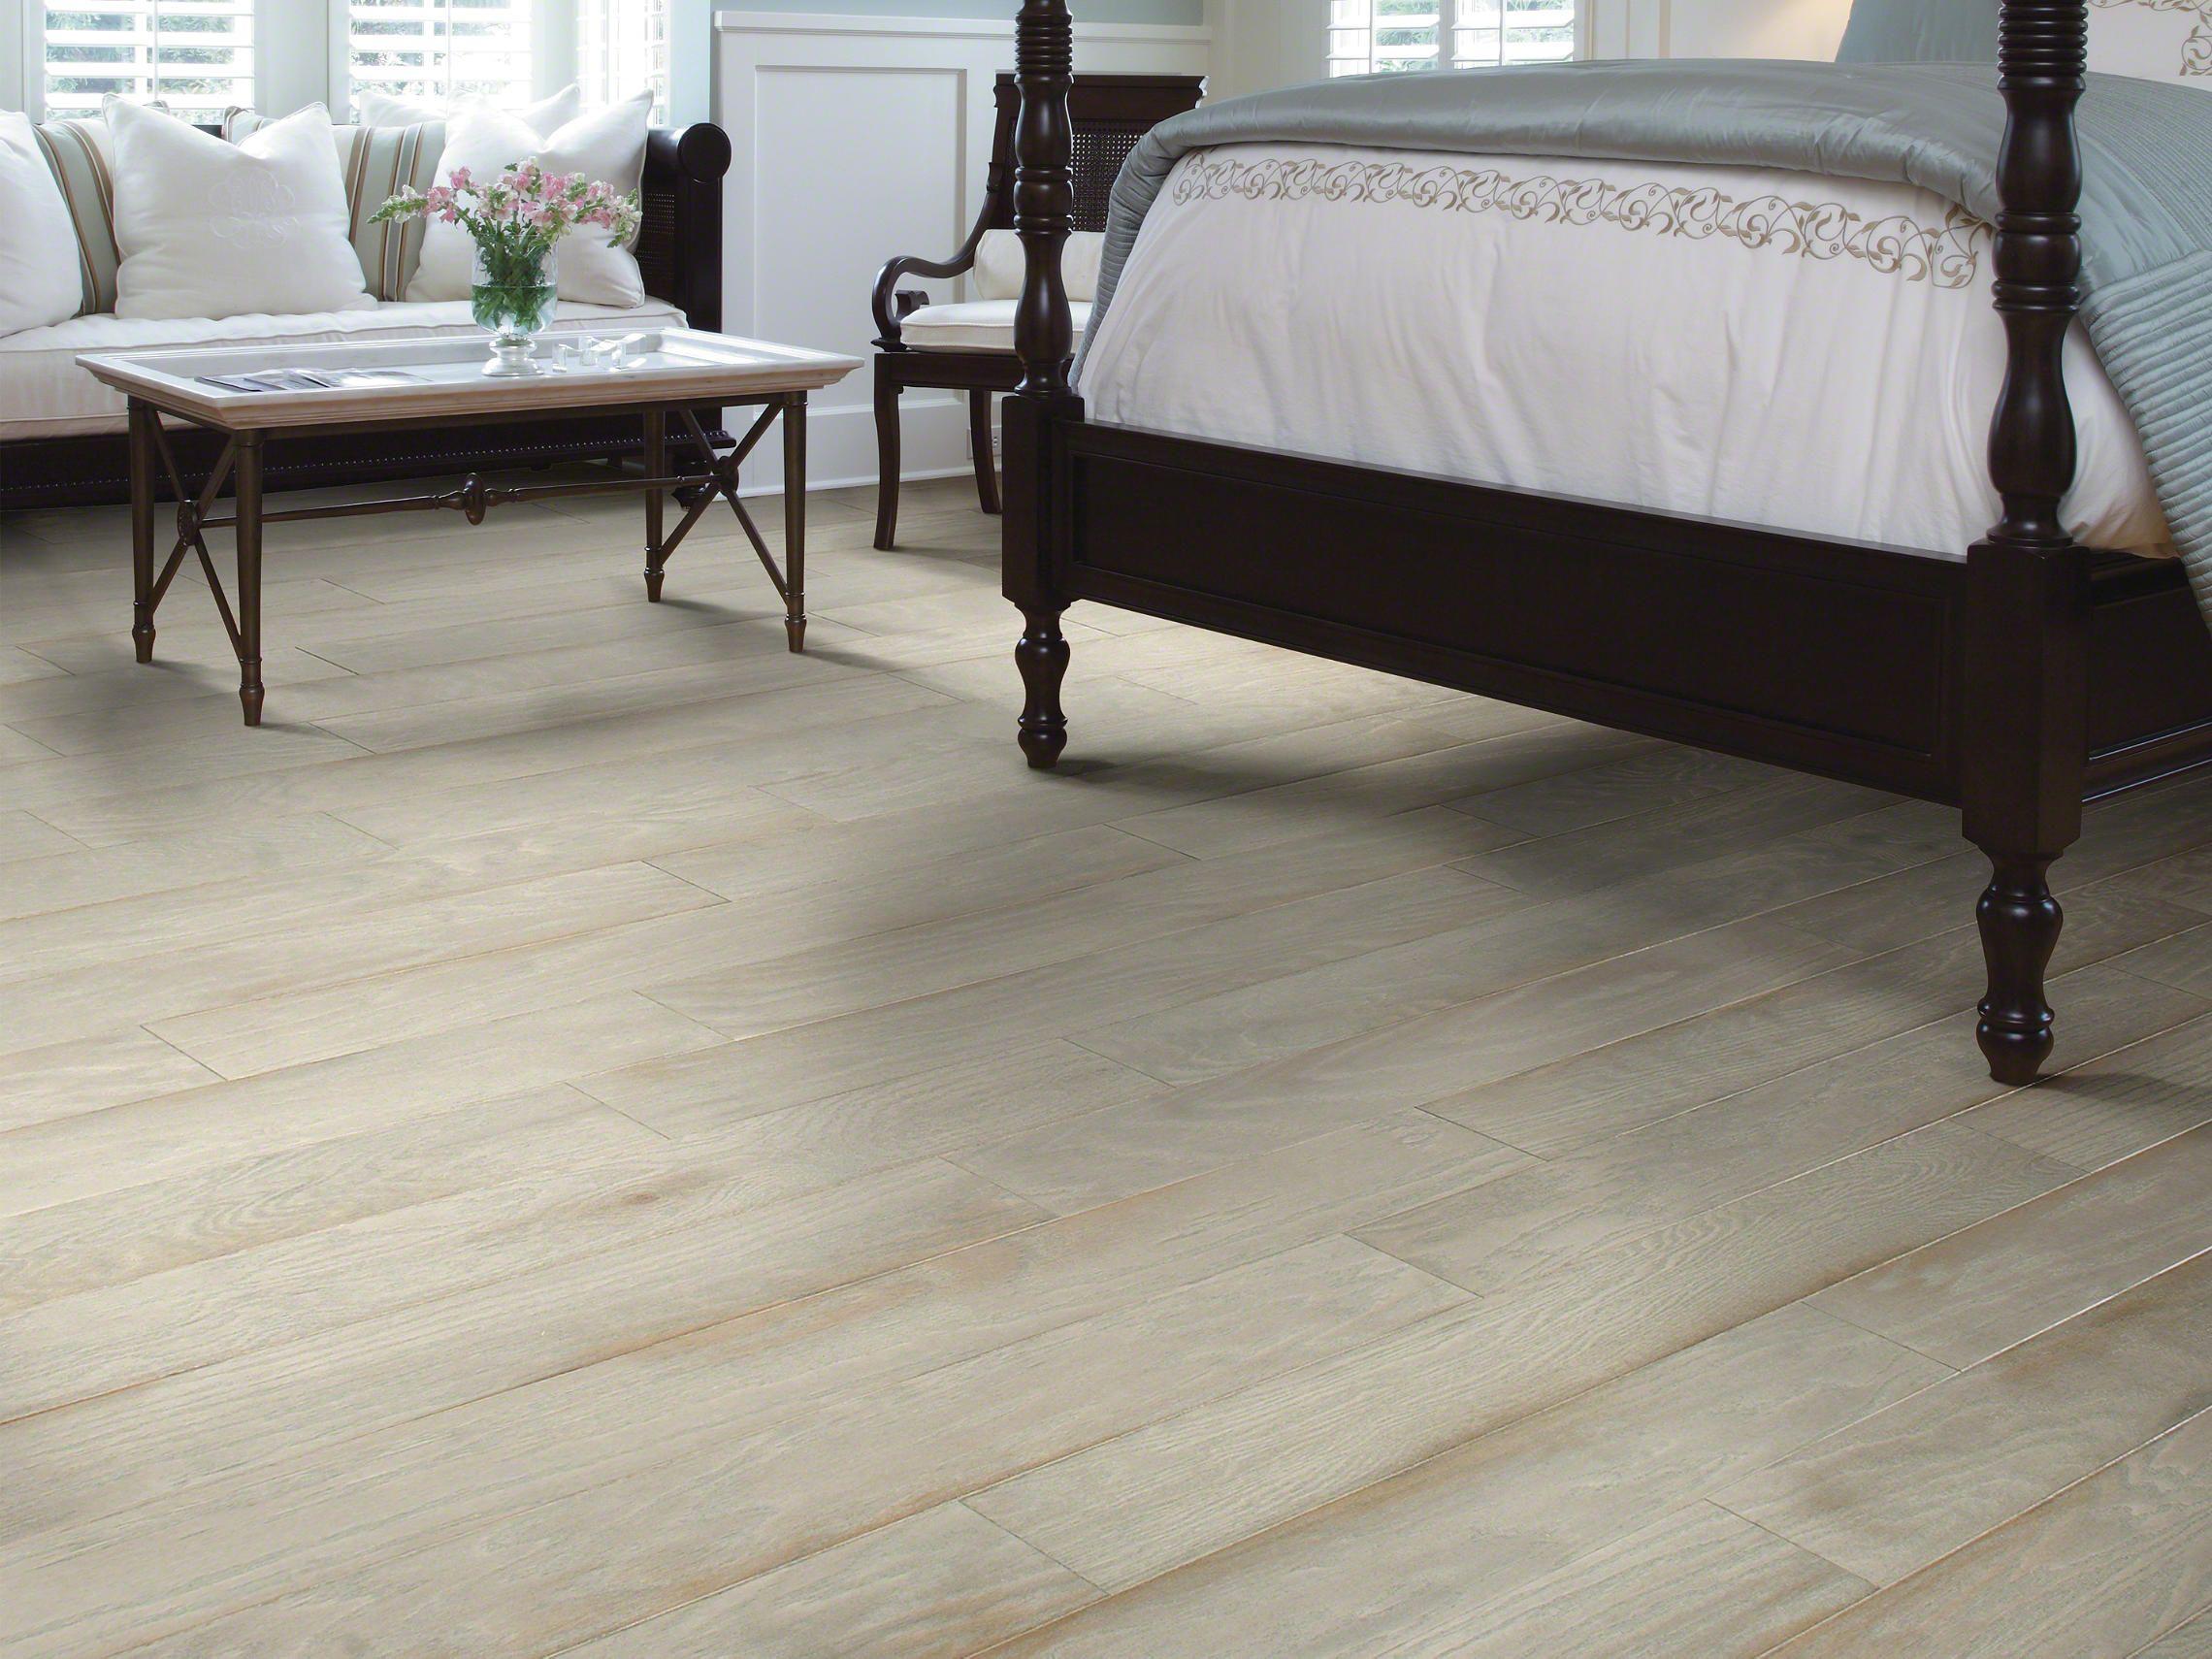 Hardwood Flooring Shaw Wood Flooring Solid Hardwood Floors Hardwood Floors Hardwood